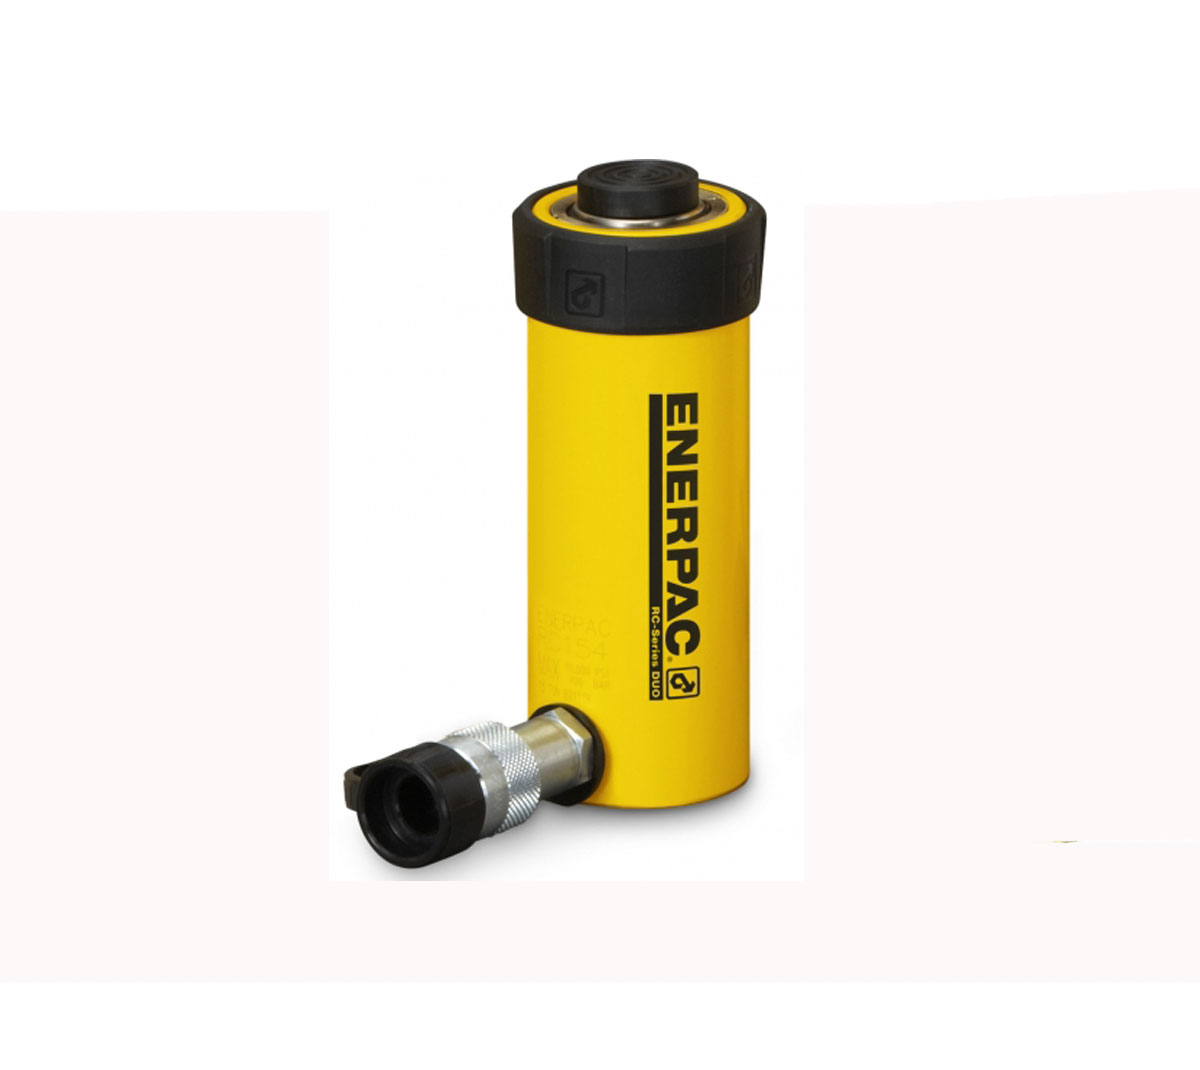 enerpac-rc151-hydraulic-cylinder